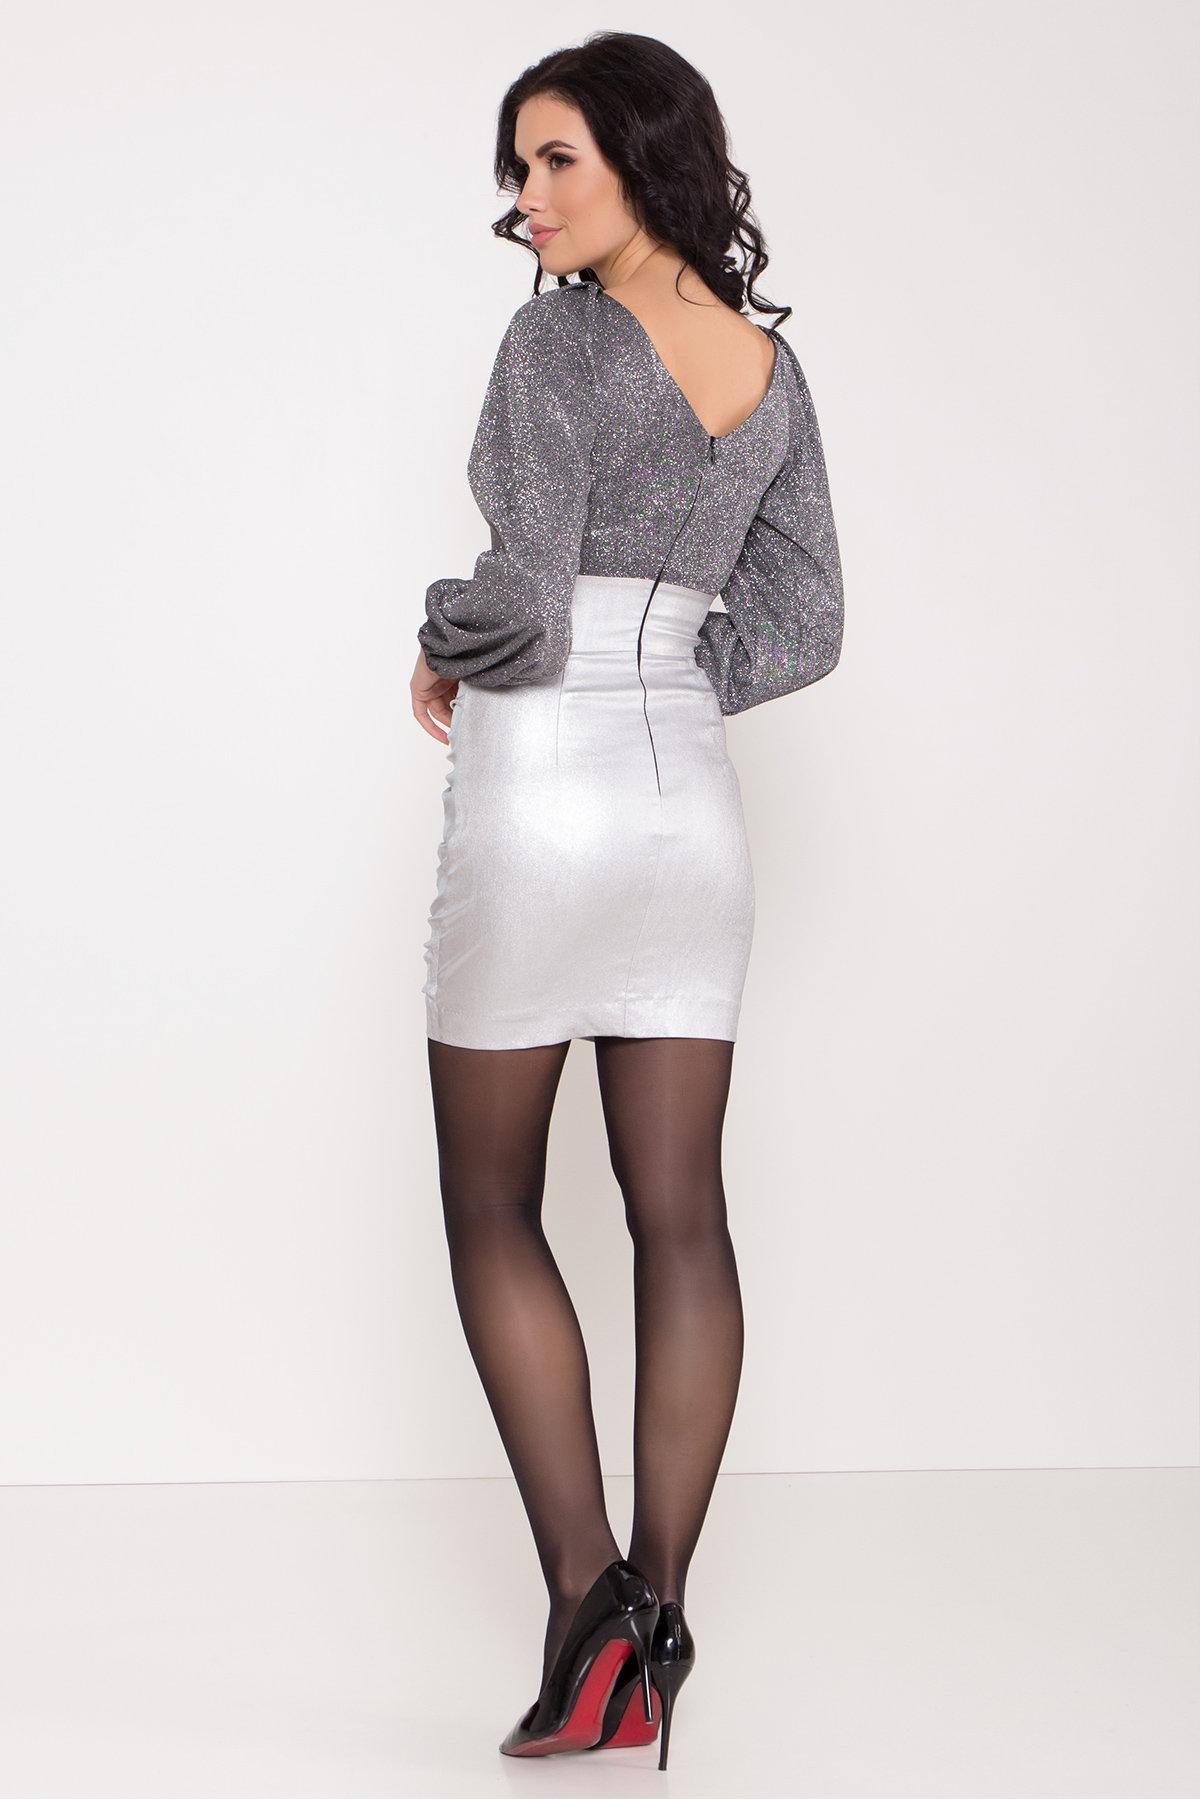 Платье с драпировкой Линси 8534 АРТ. 44973 Цвет: Серебро 2 - фото 5, интернет магазин tm-modus.ru